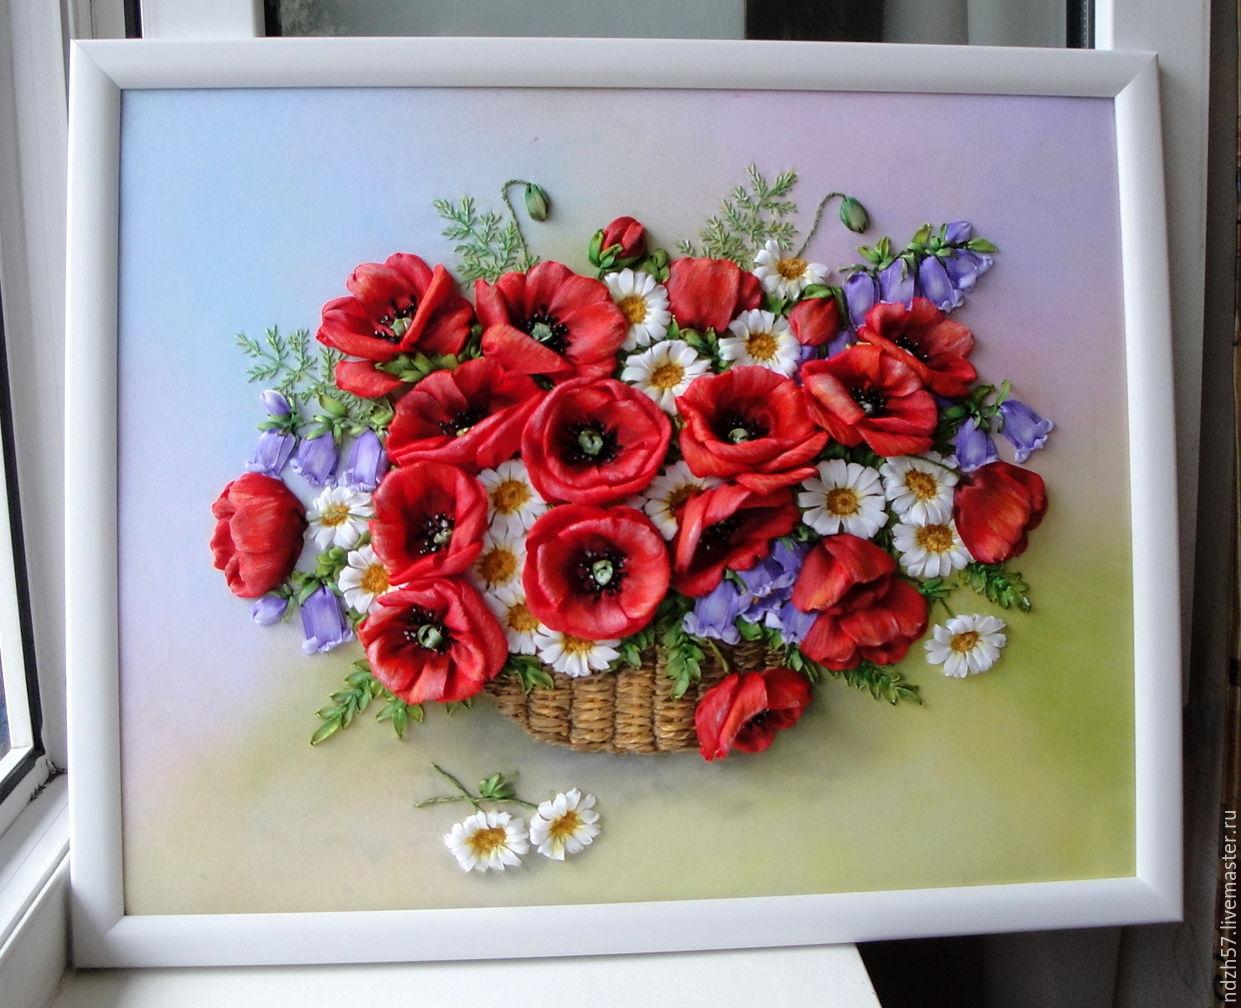 Вышивка лентами цветы в корзине фото 82